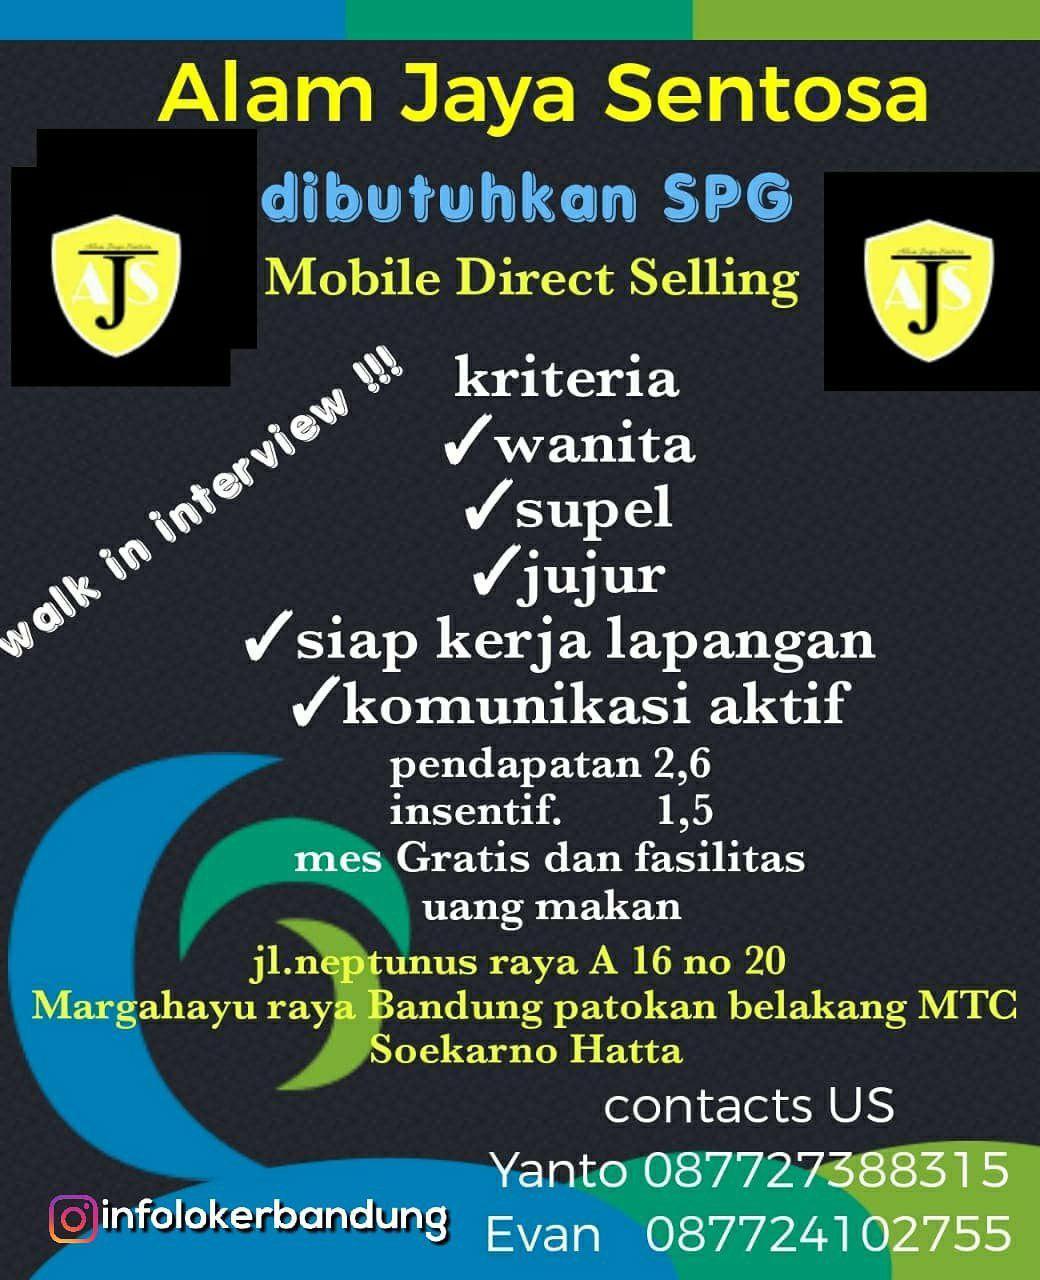 Lowongan Kerja PT. Alam Jaya Sentosa Bandung Desember 2018